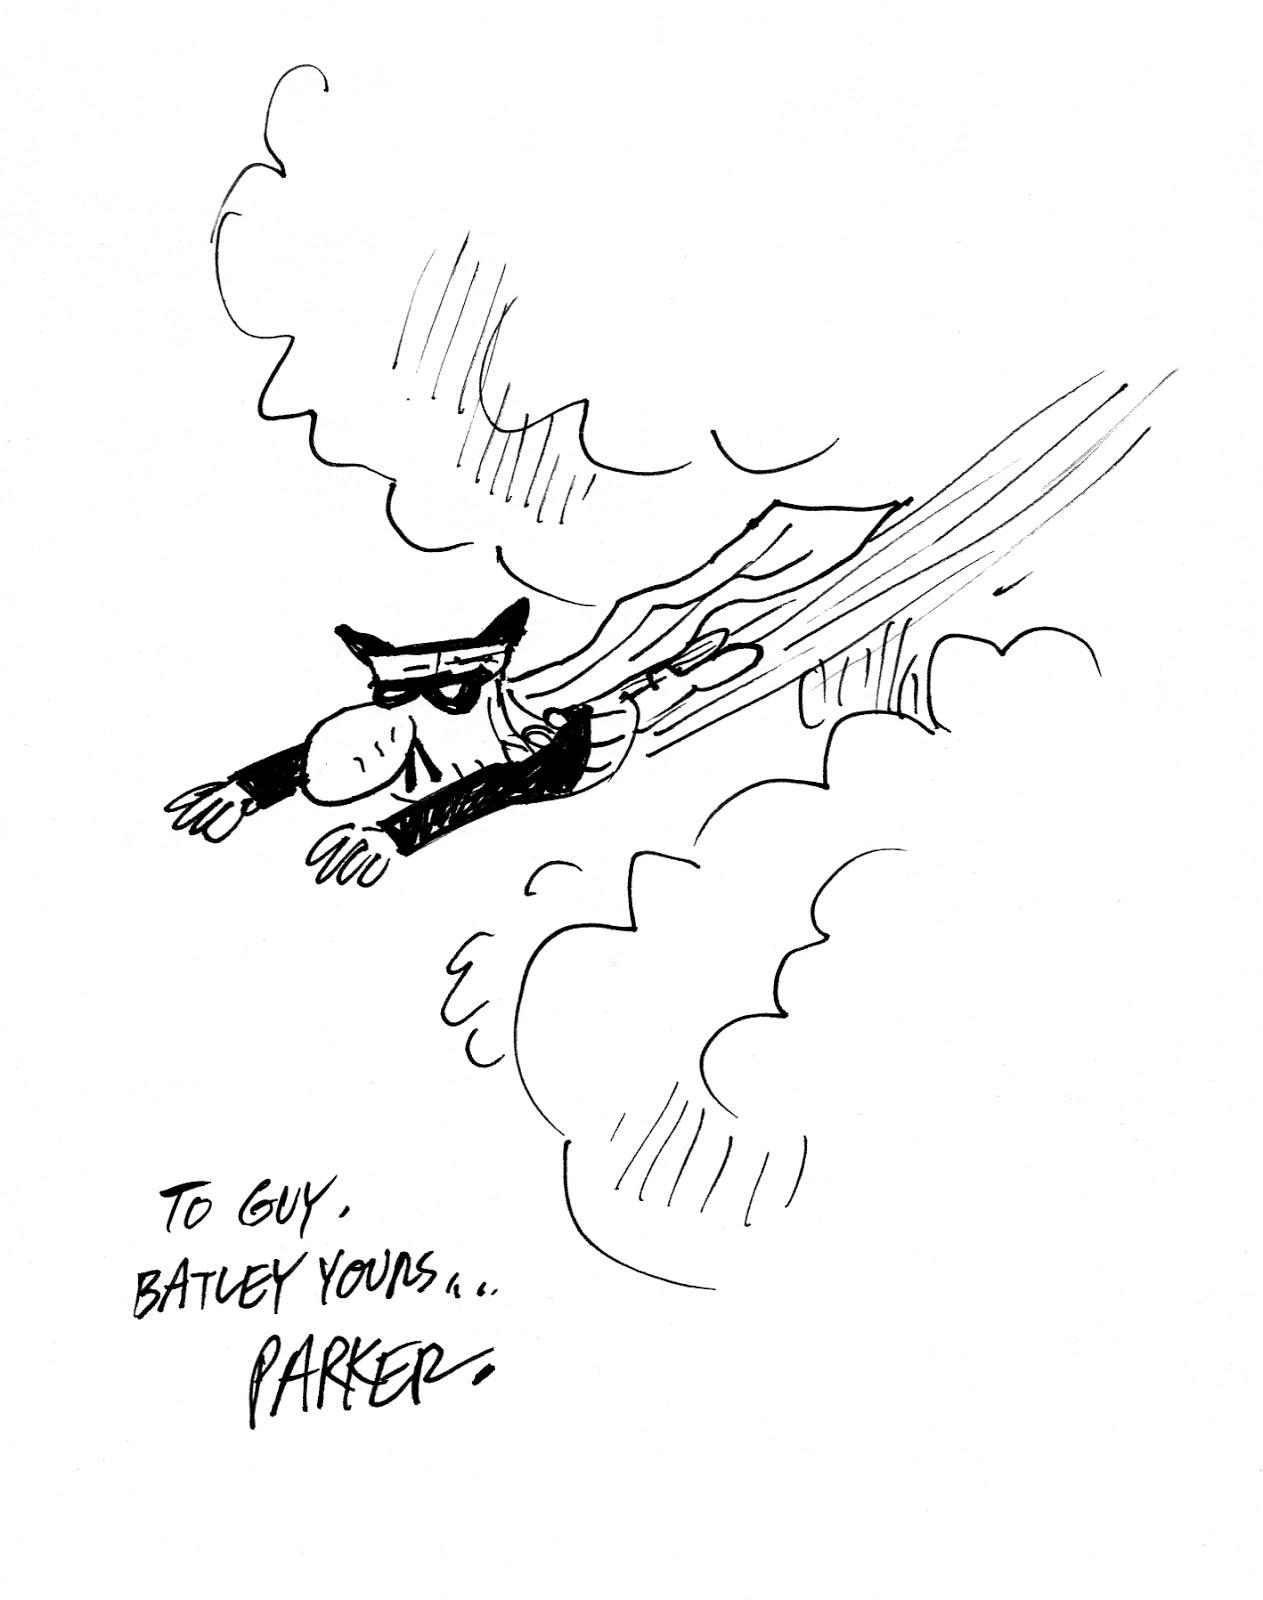 Bado's blog: Batman as drawn by...